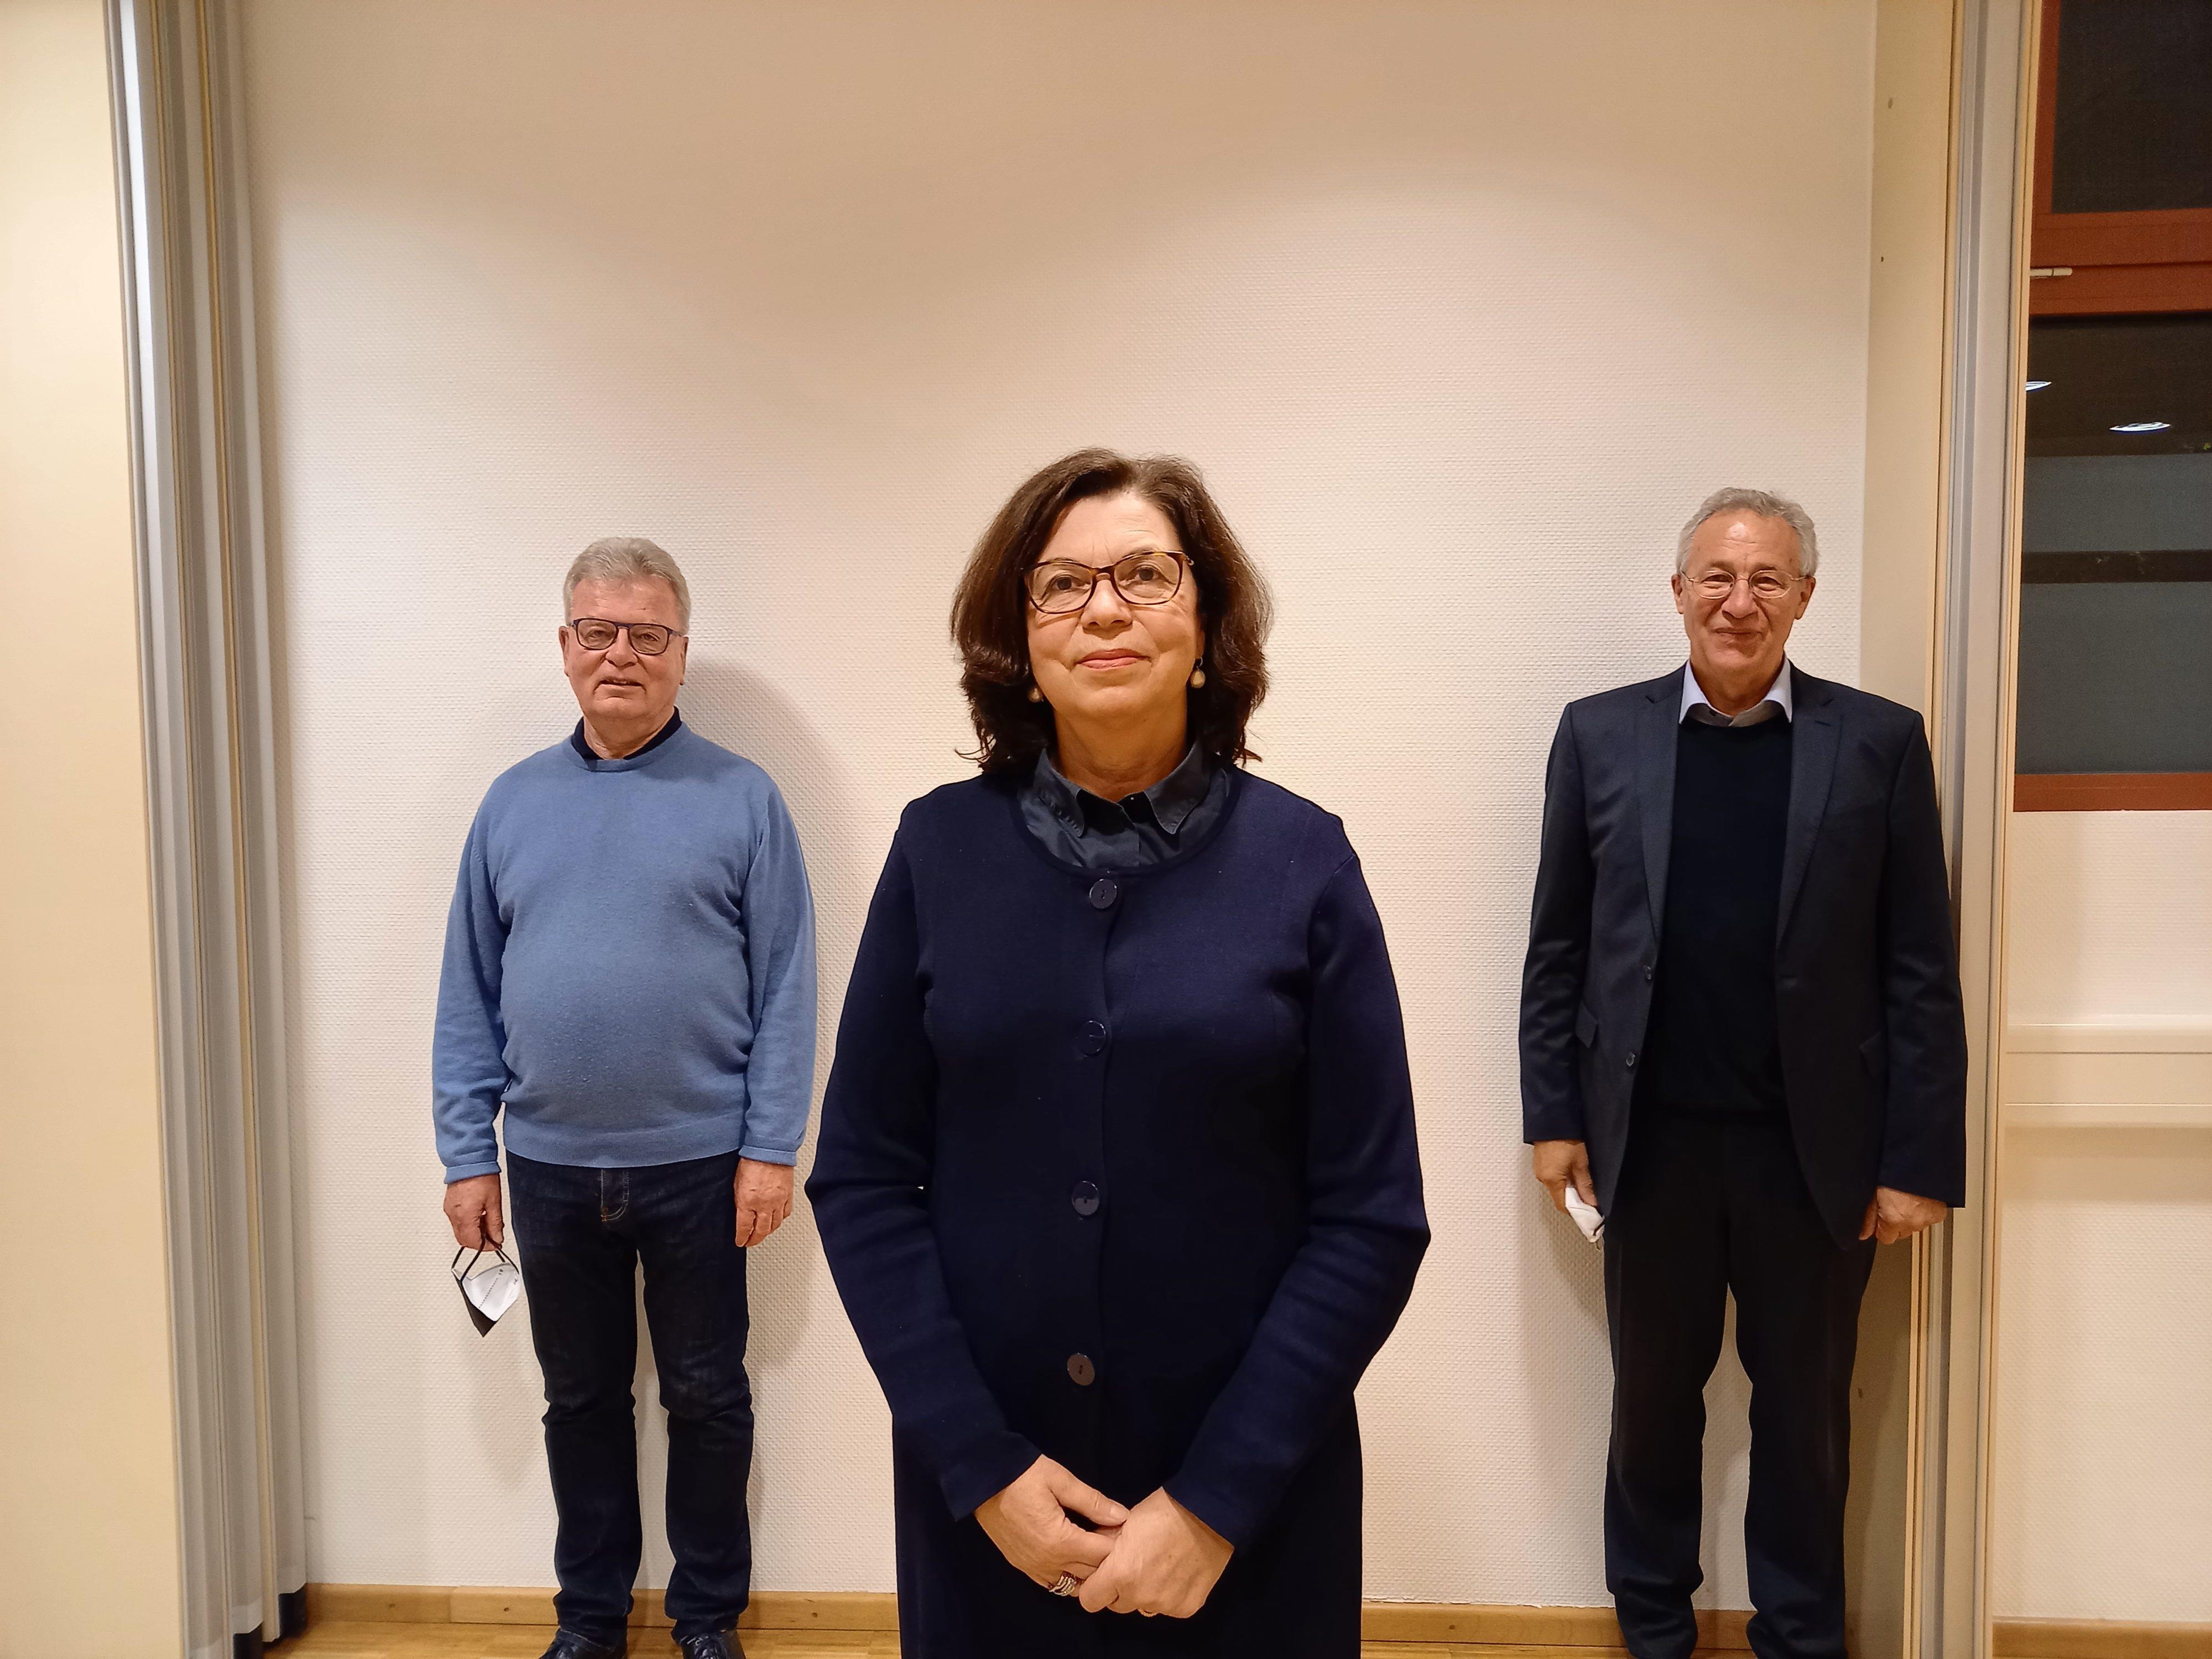 Mitgliederversammlung OBDACH e.V.: personelle Änderungen in der Vorstandschaft